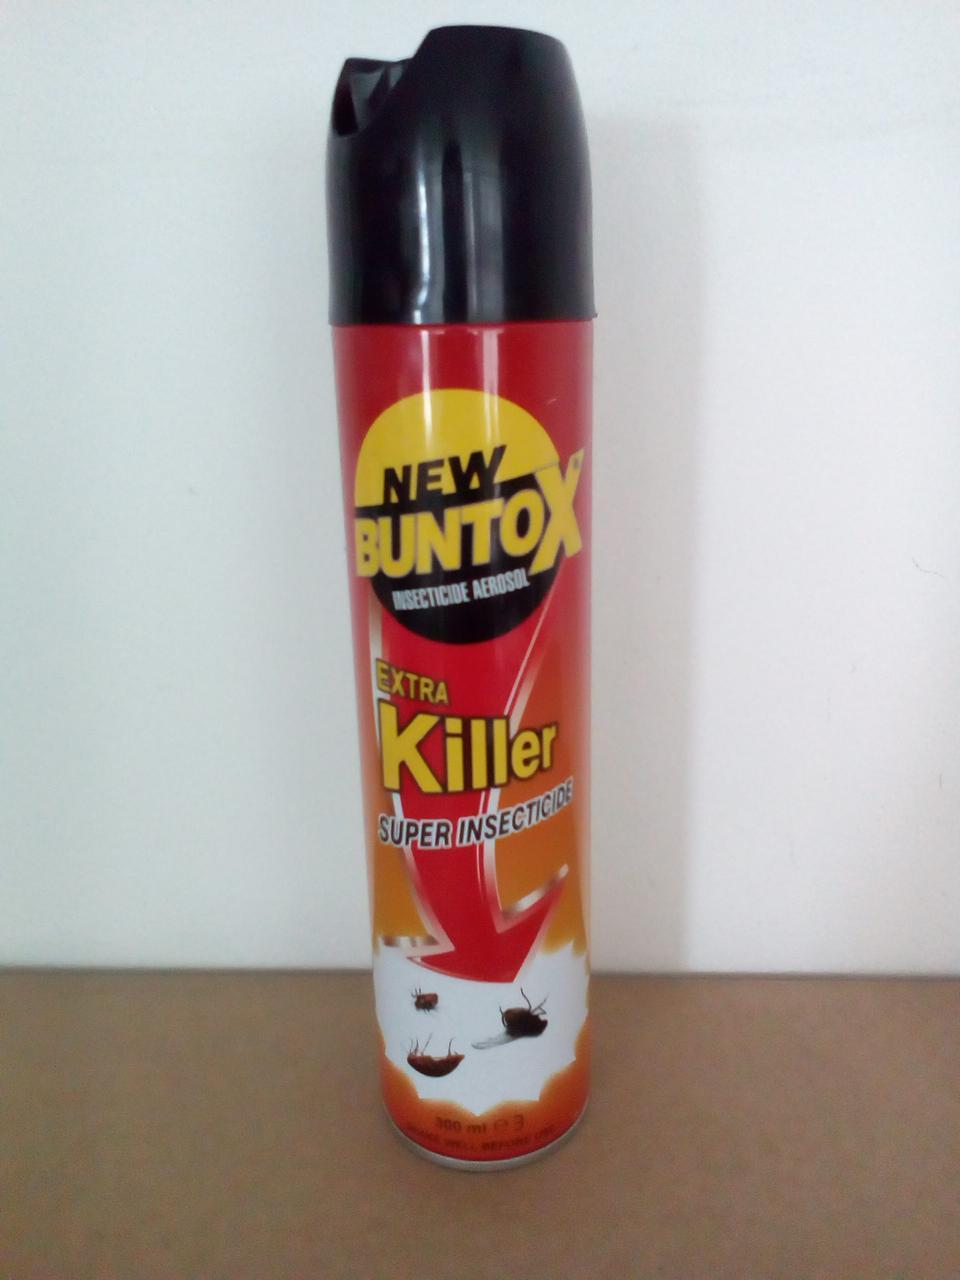 BUNTOX аэрозольное инсектицидное средство 300мл красный